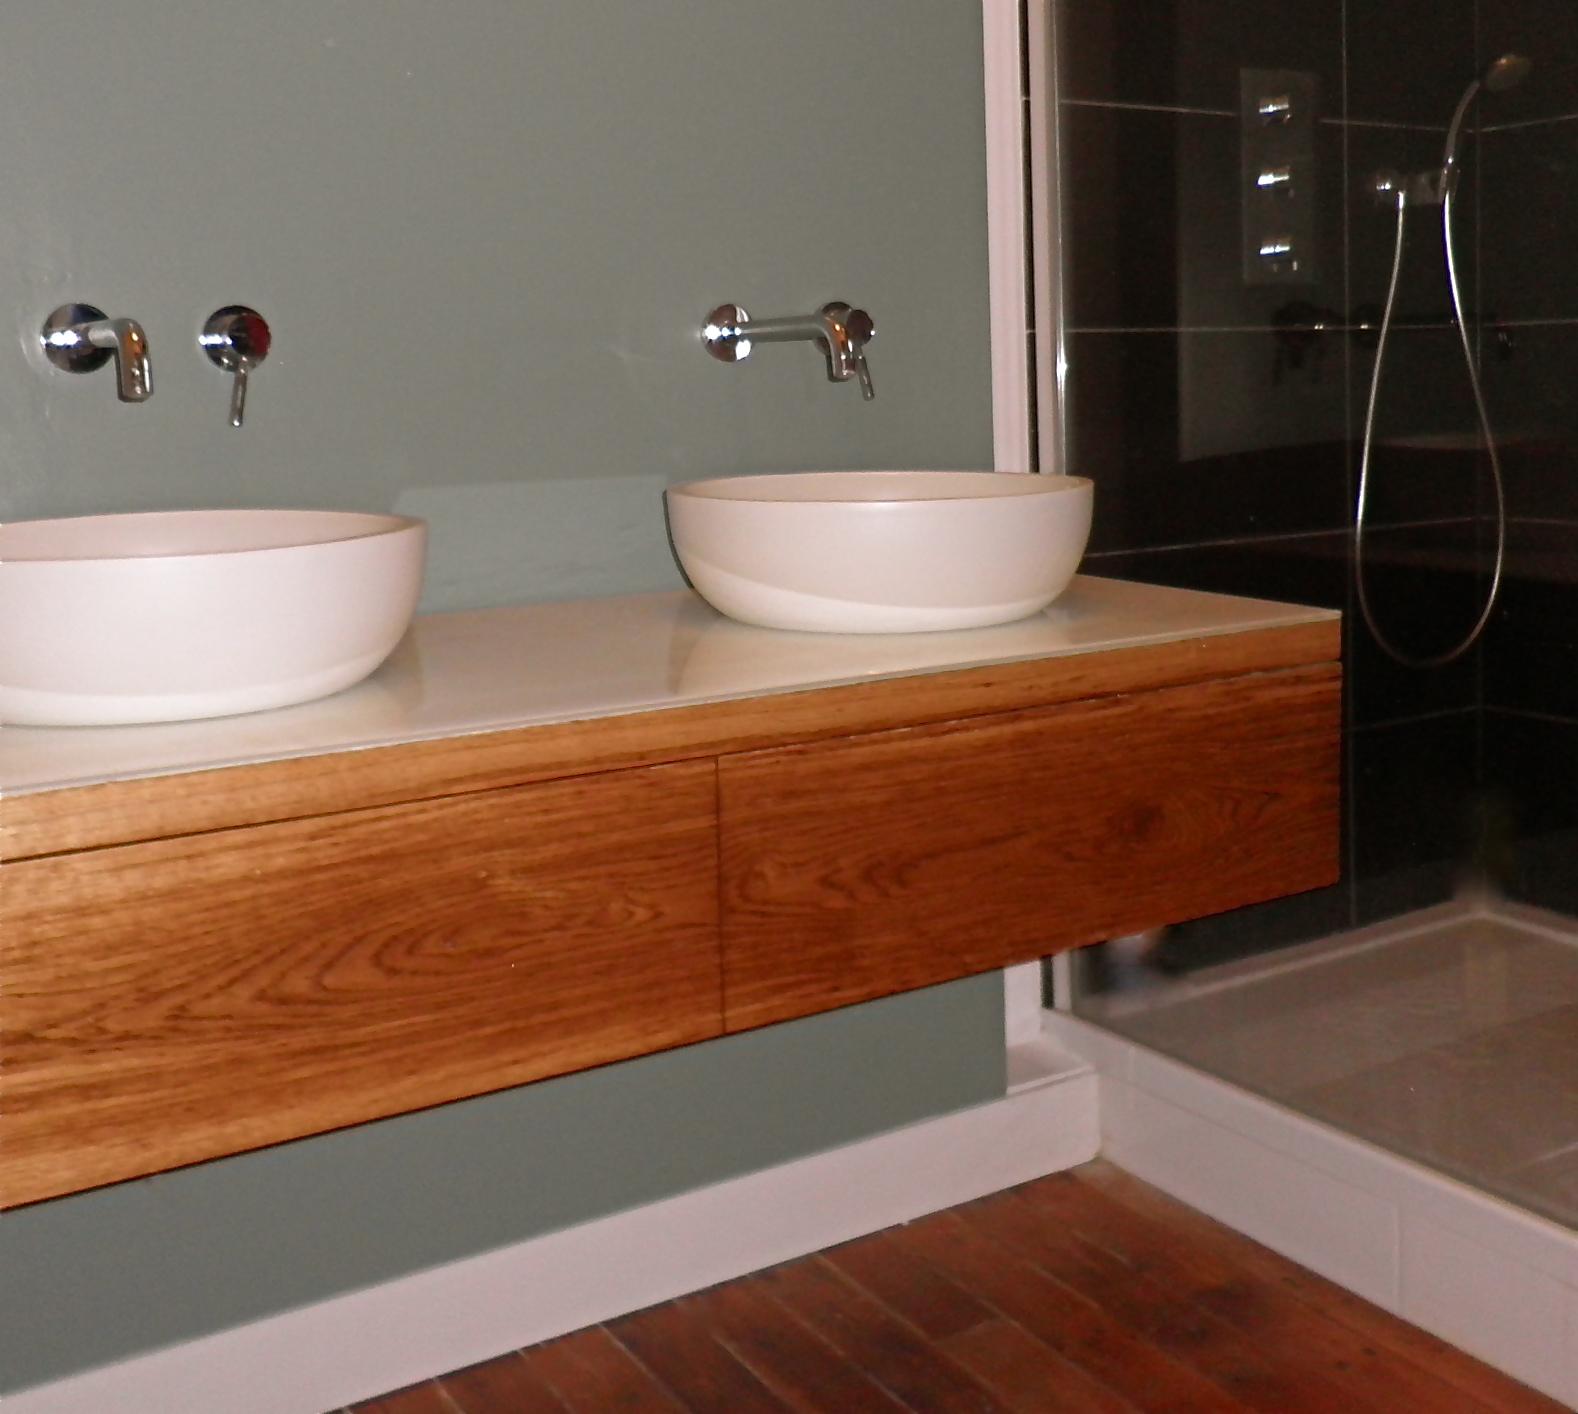 Meuble salle de bain vasque castorama - Meuble vasque salle de bain castorama ...